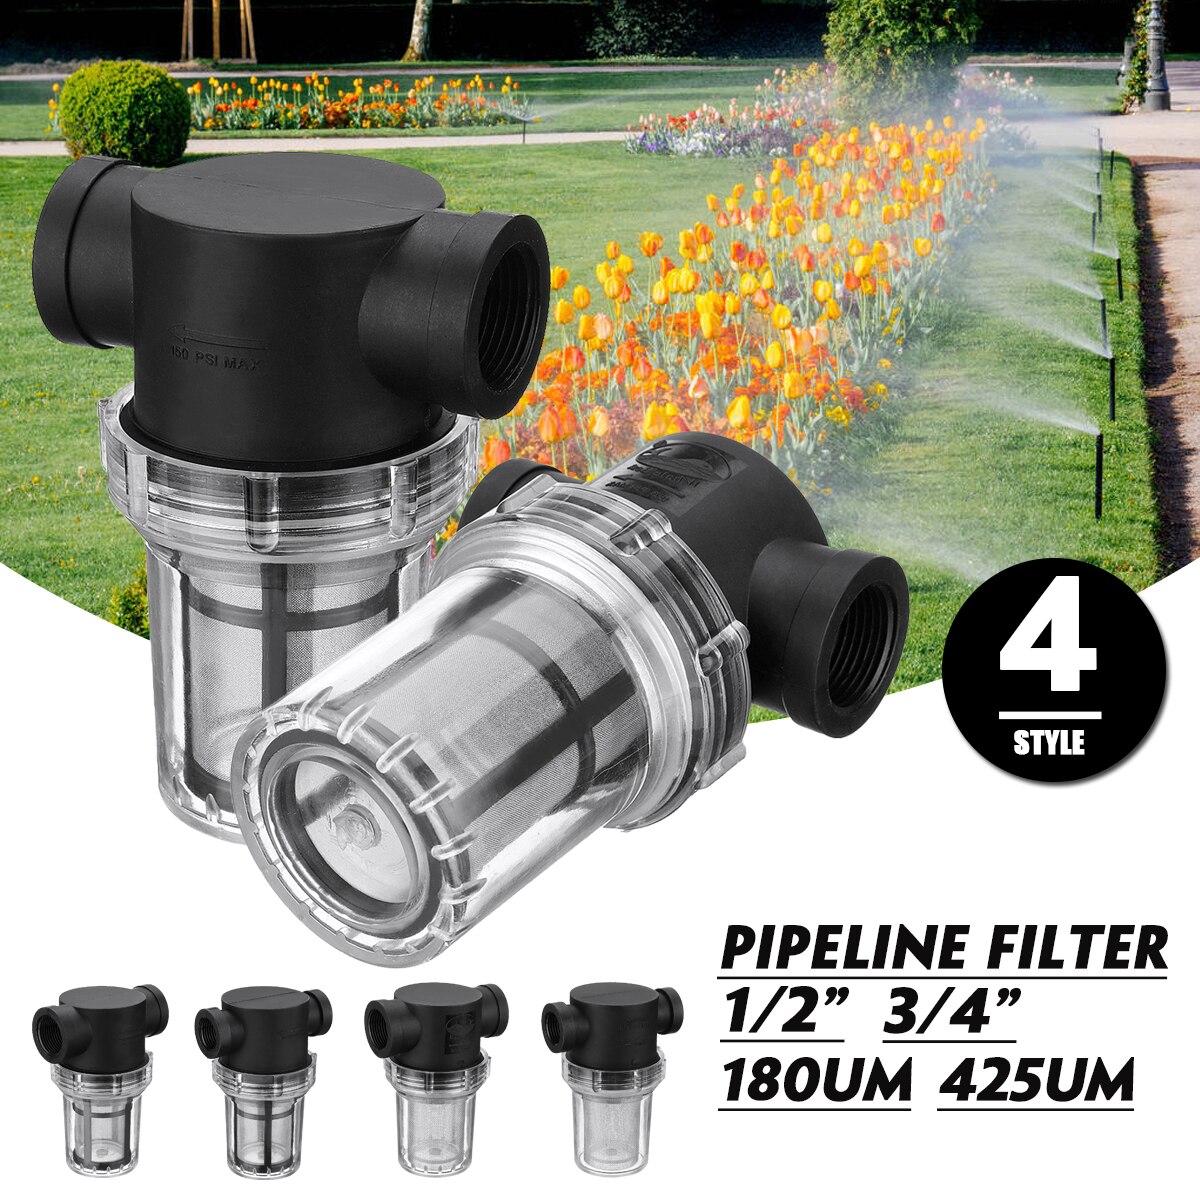 1 pcs Garden Pond 1/4 polegada 3/4 polegada Em Linha Filtro de Malha Filtro Da Bomba de Água de Irrigação Gasoduto Filtro de Alto Fluxo